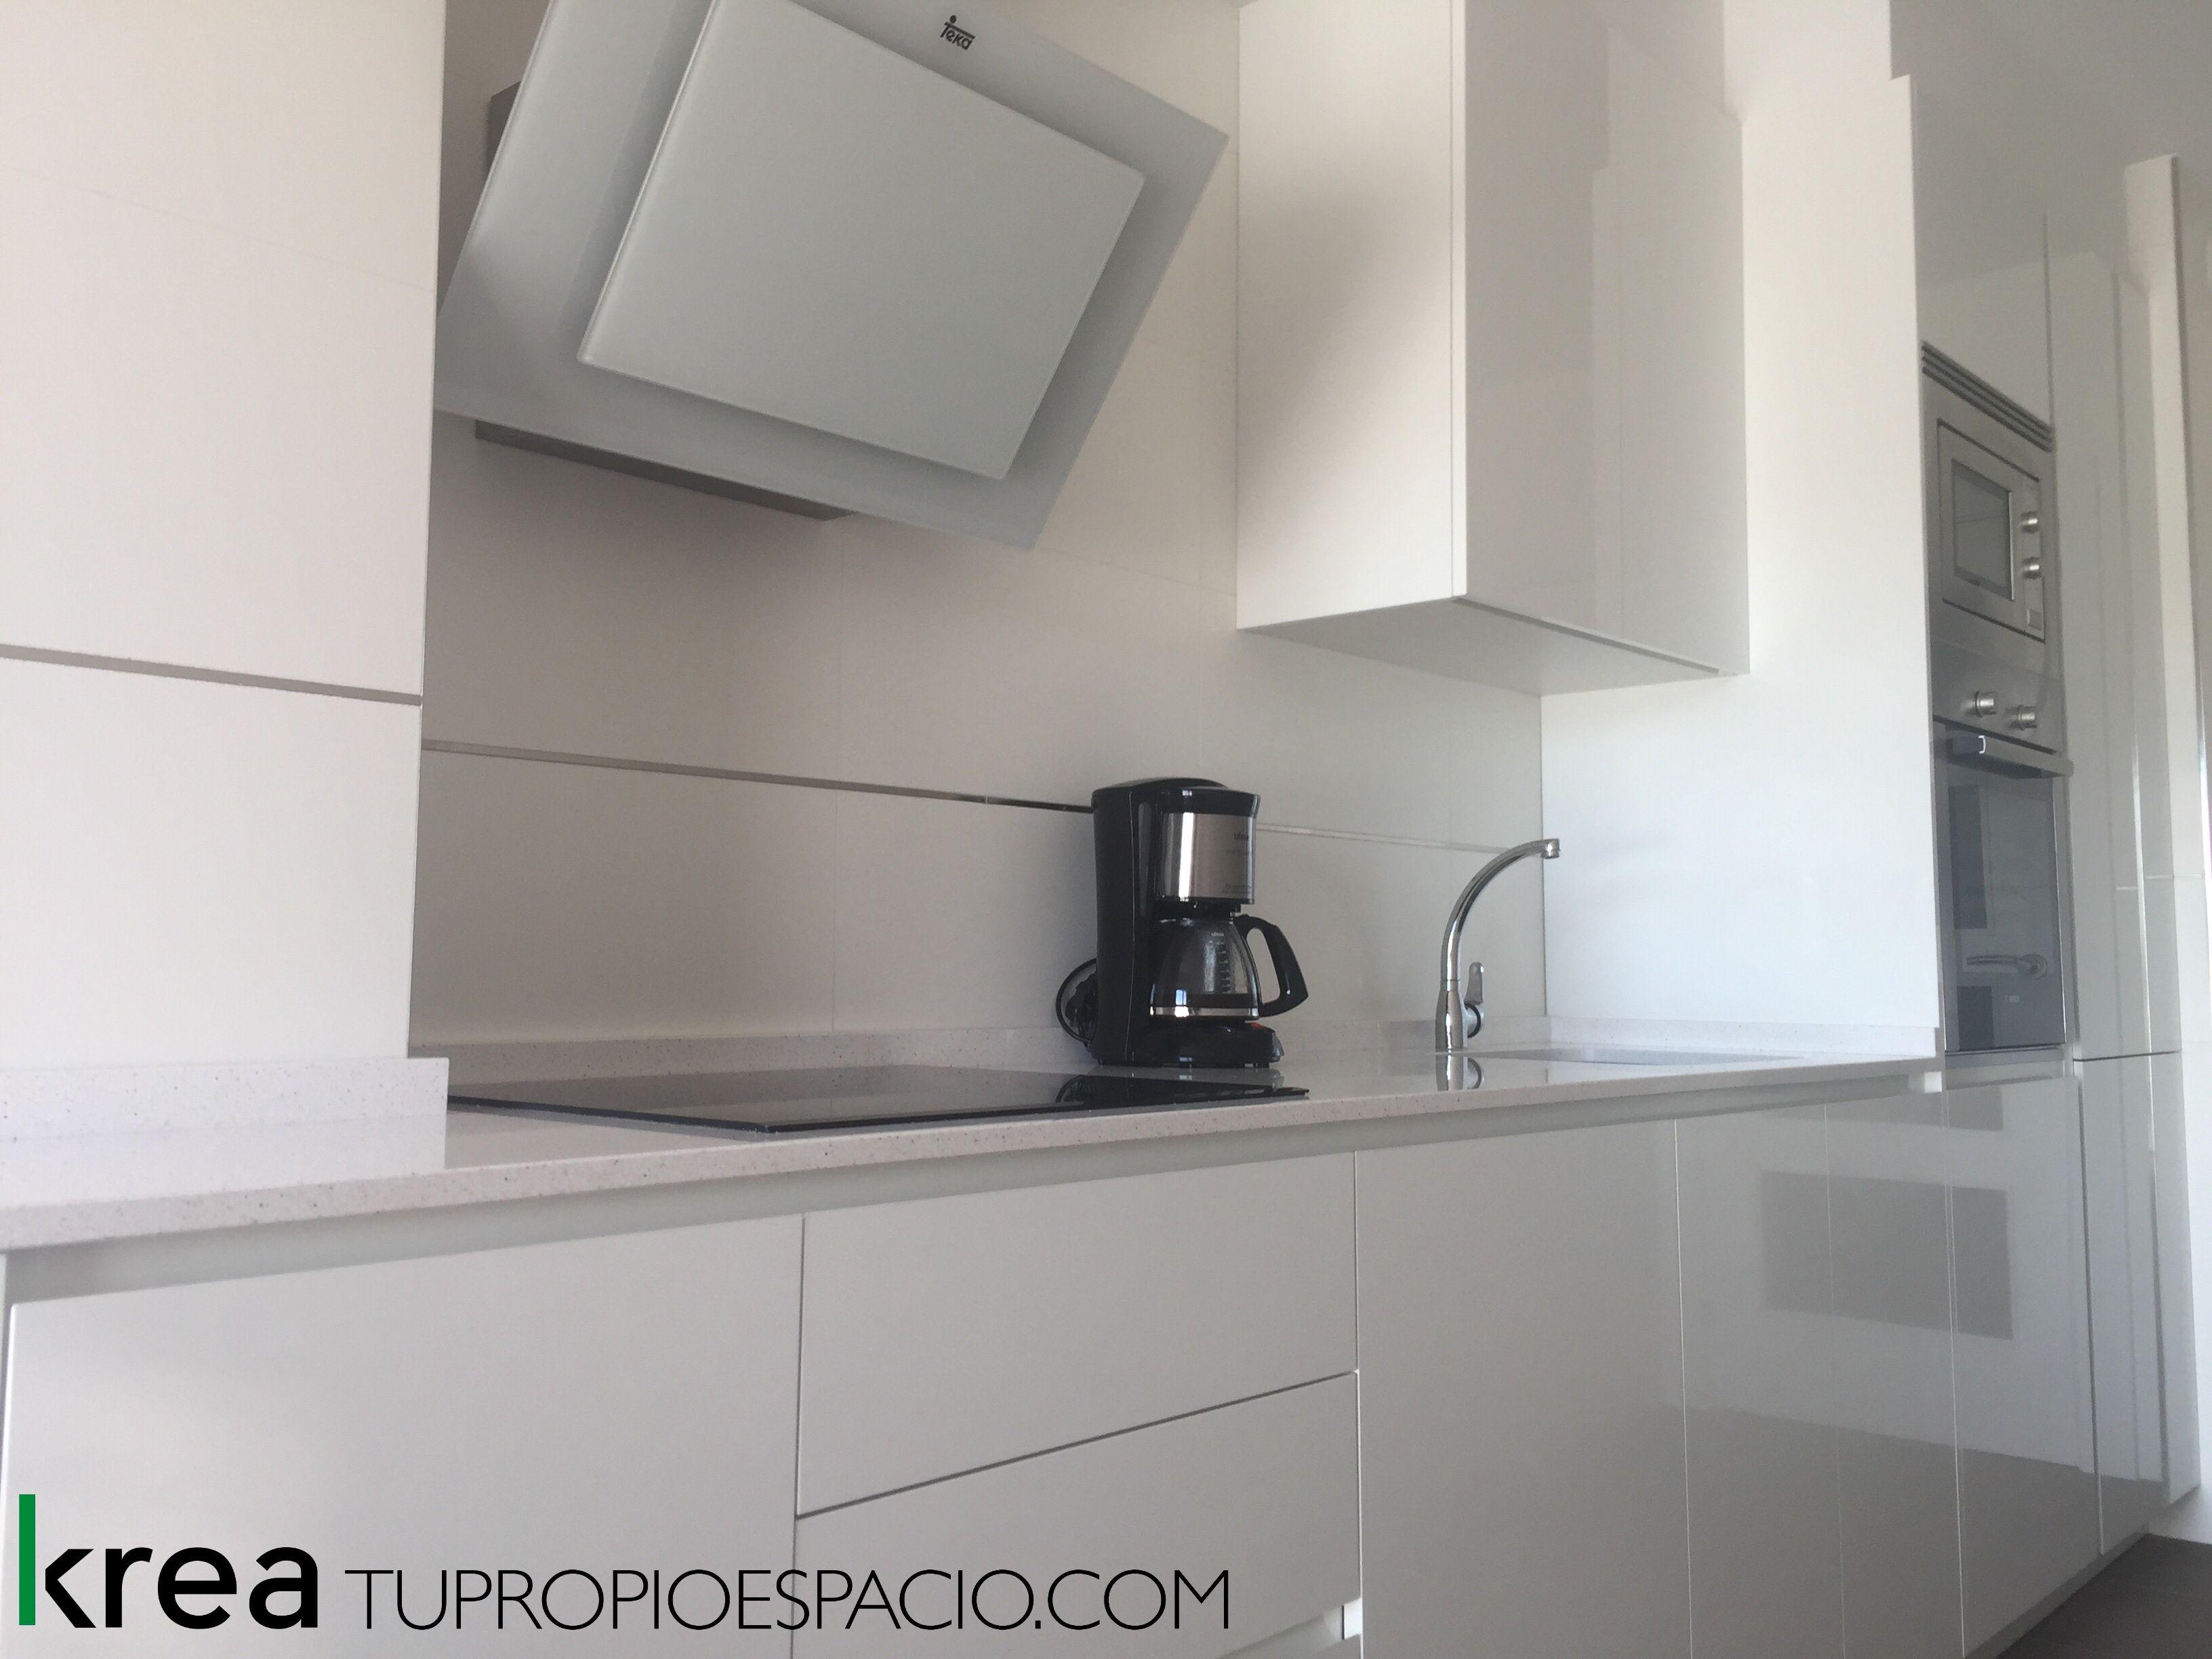 Nuevo Proyecto De Cocina Blanco Brillo Con Encimera Silestone Y Electrodomesticos Inox Campanas De Cristal Extractores De Cocina Campanas De Cocina